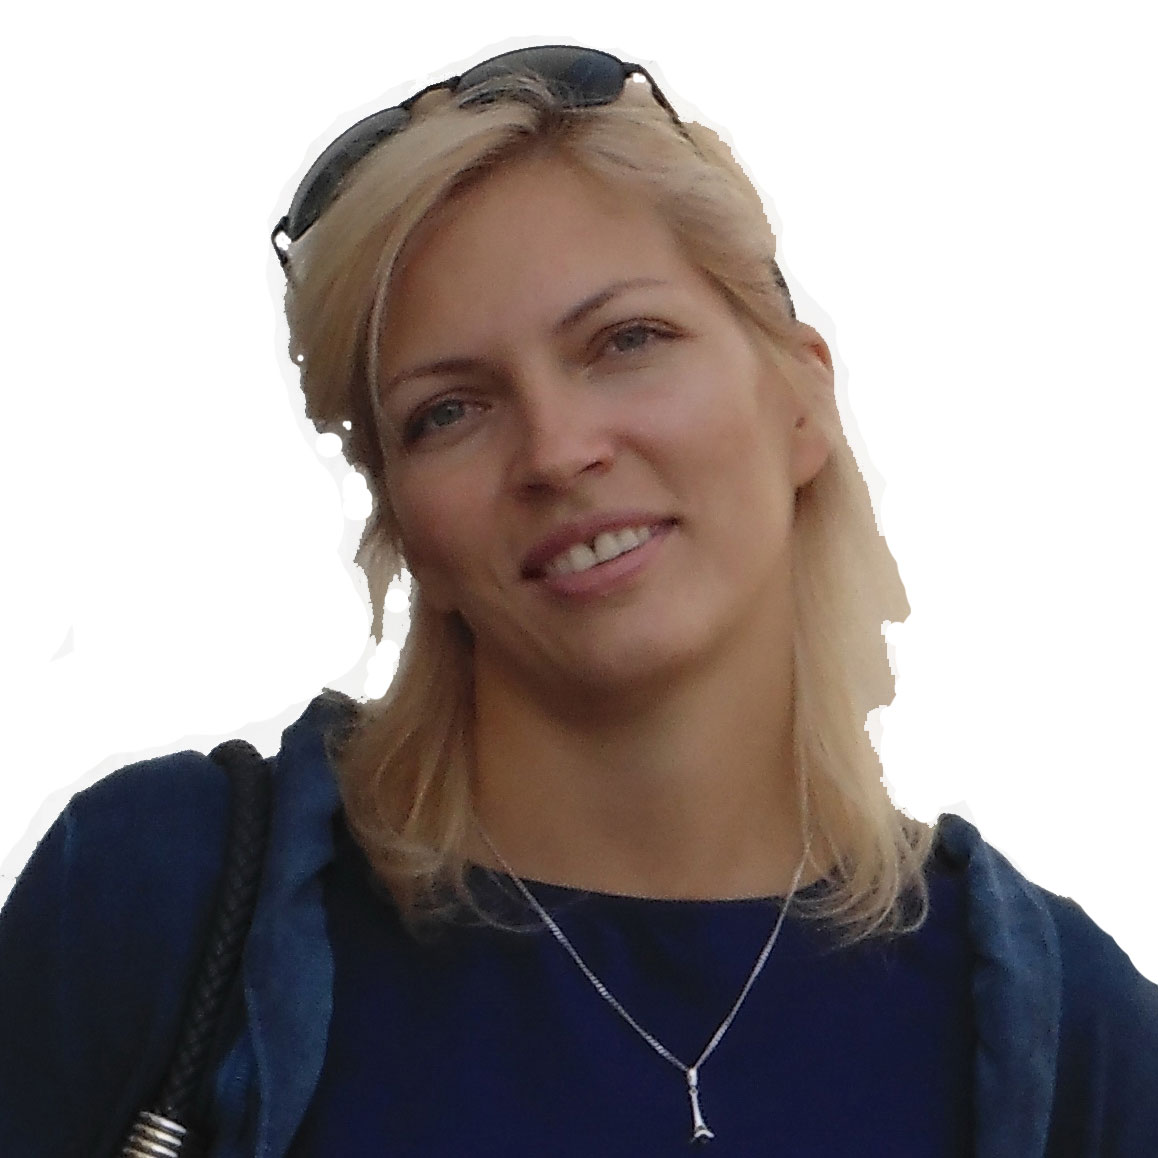 Данильчик Наталья Александровна